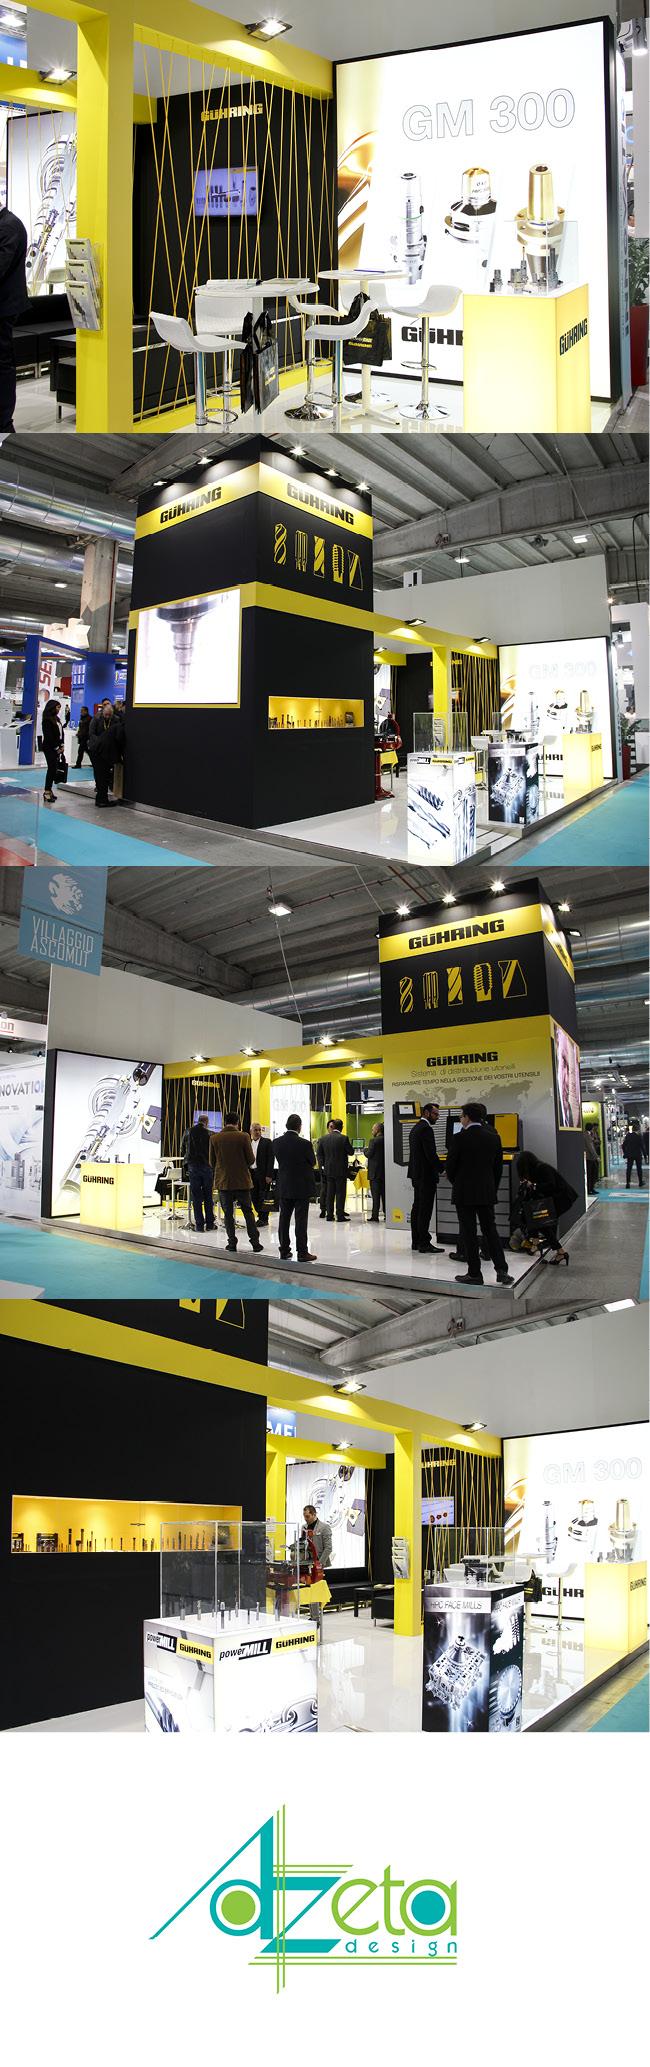 Stand dell'azienda Guhring realizzato da Azeta Design in occasione delle fiera Mecspe nell'anno 2017 nella città di Parma (IT).